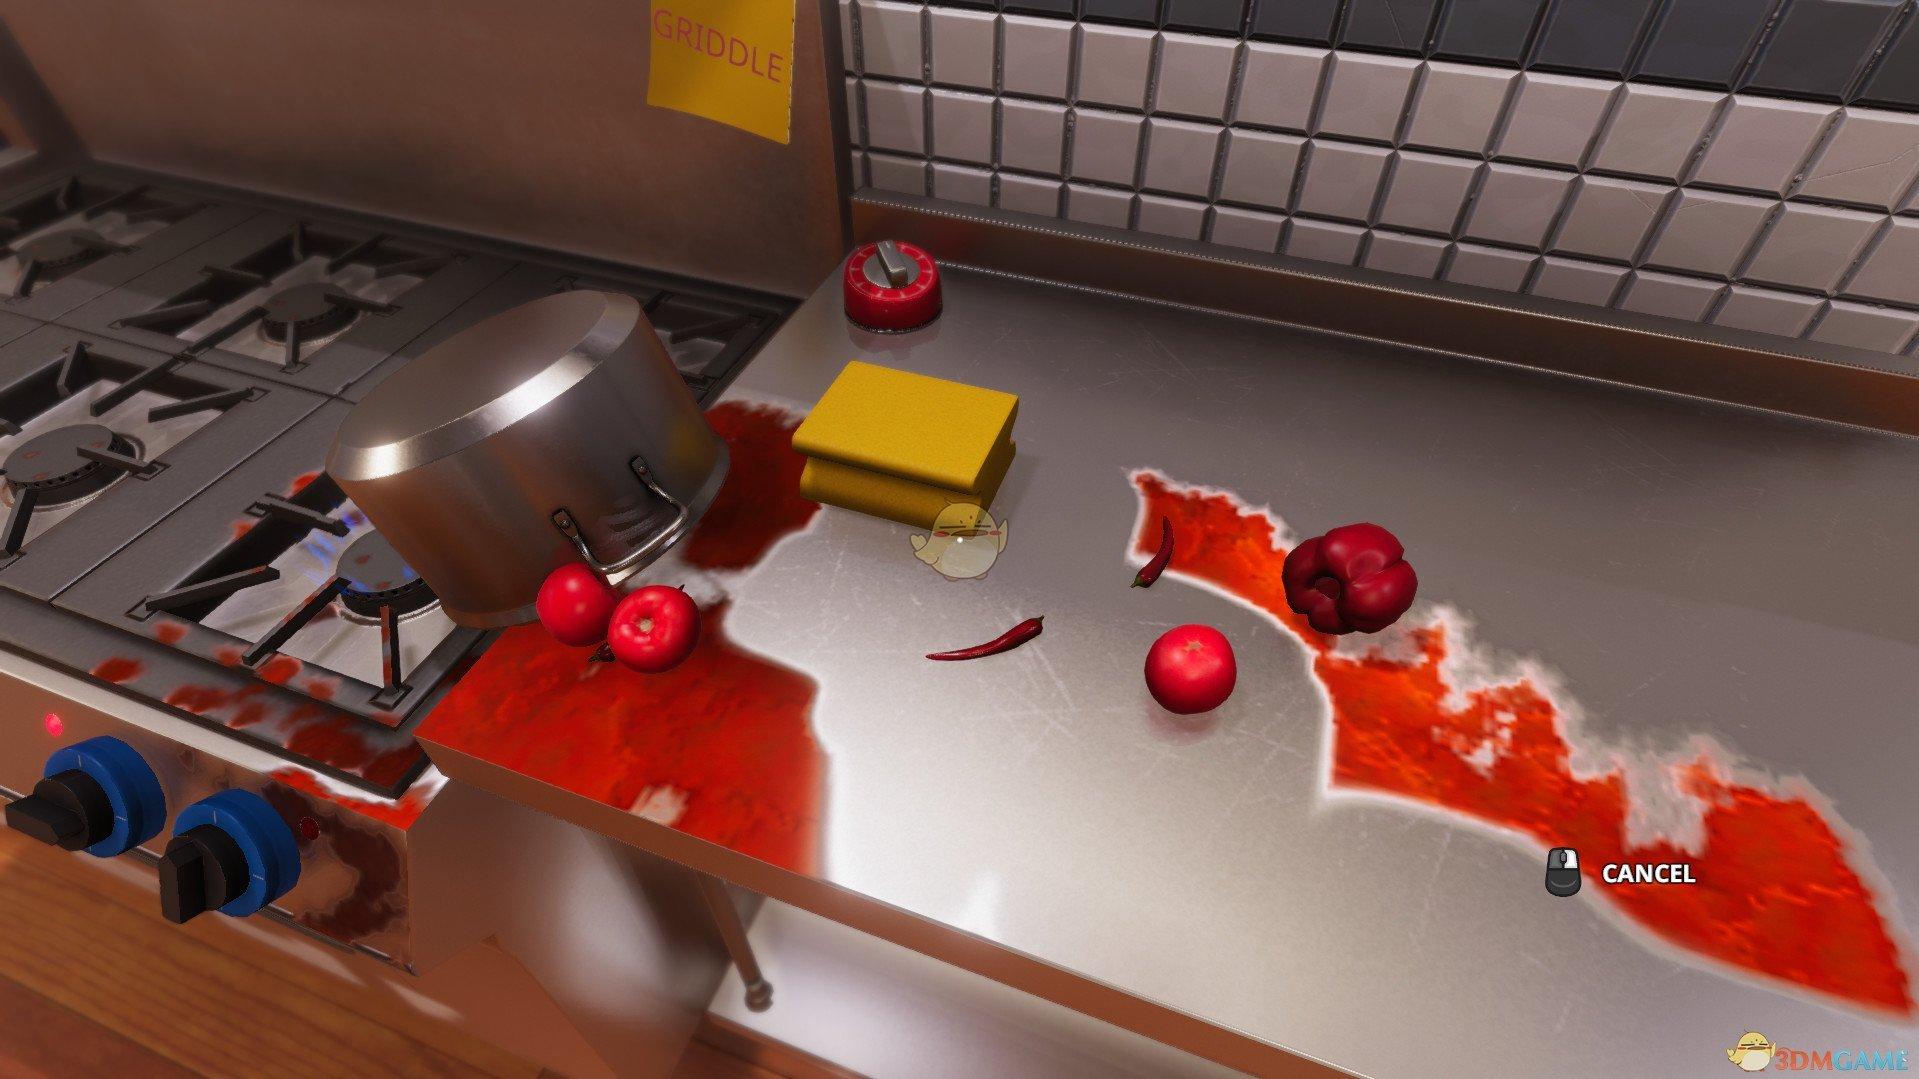 《料理模拟器》薯条快速装盘技巧分享